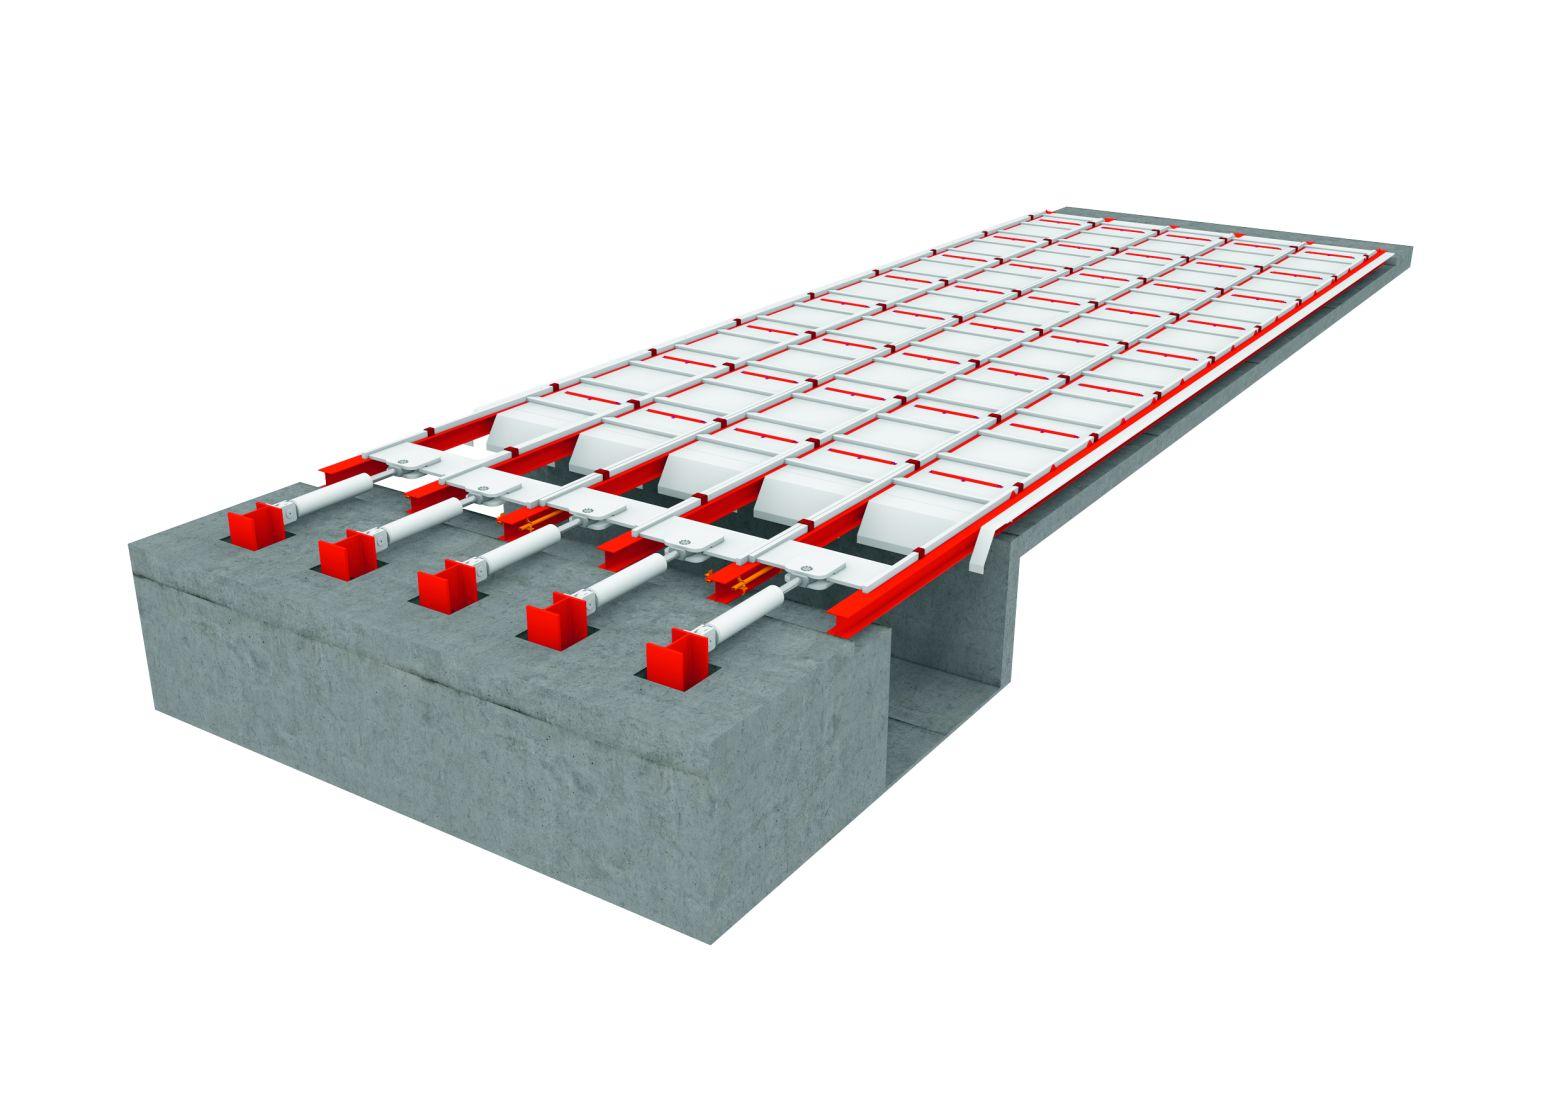 Стокерный пол для топливо заменителей средней и крупной фракции. 3D модель работы